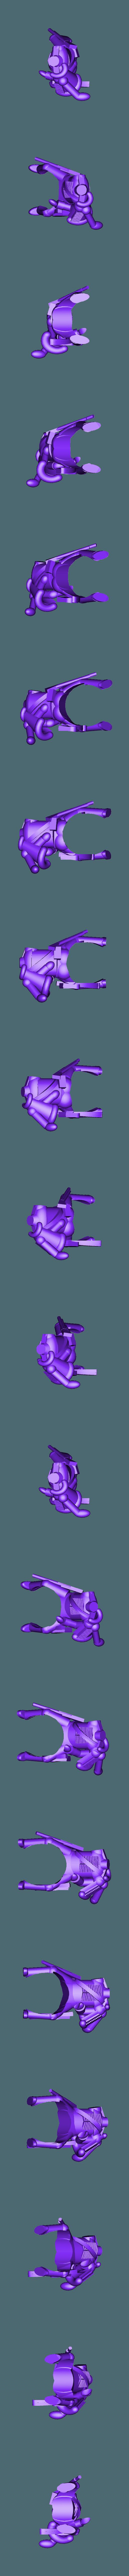 mk3_aus_huss_body_1.stl Télécharger fichier STL gratuit Napoléonique - Partie 20 - Hussards autrichiens • Design pour impression 3D, Earsling